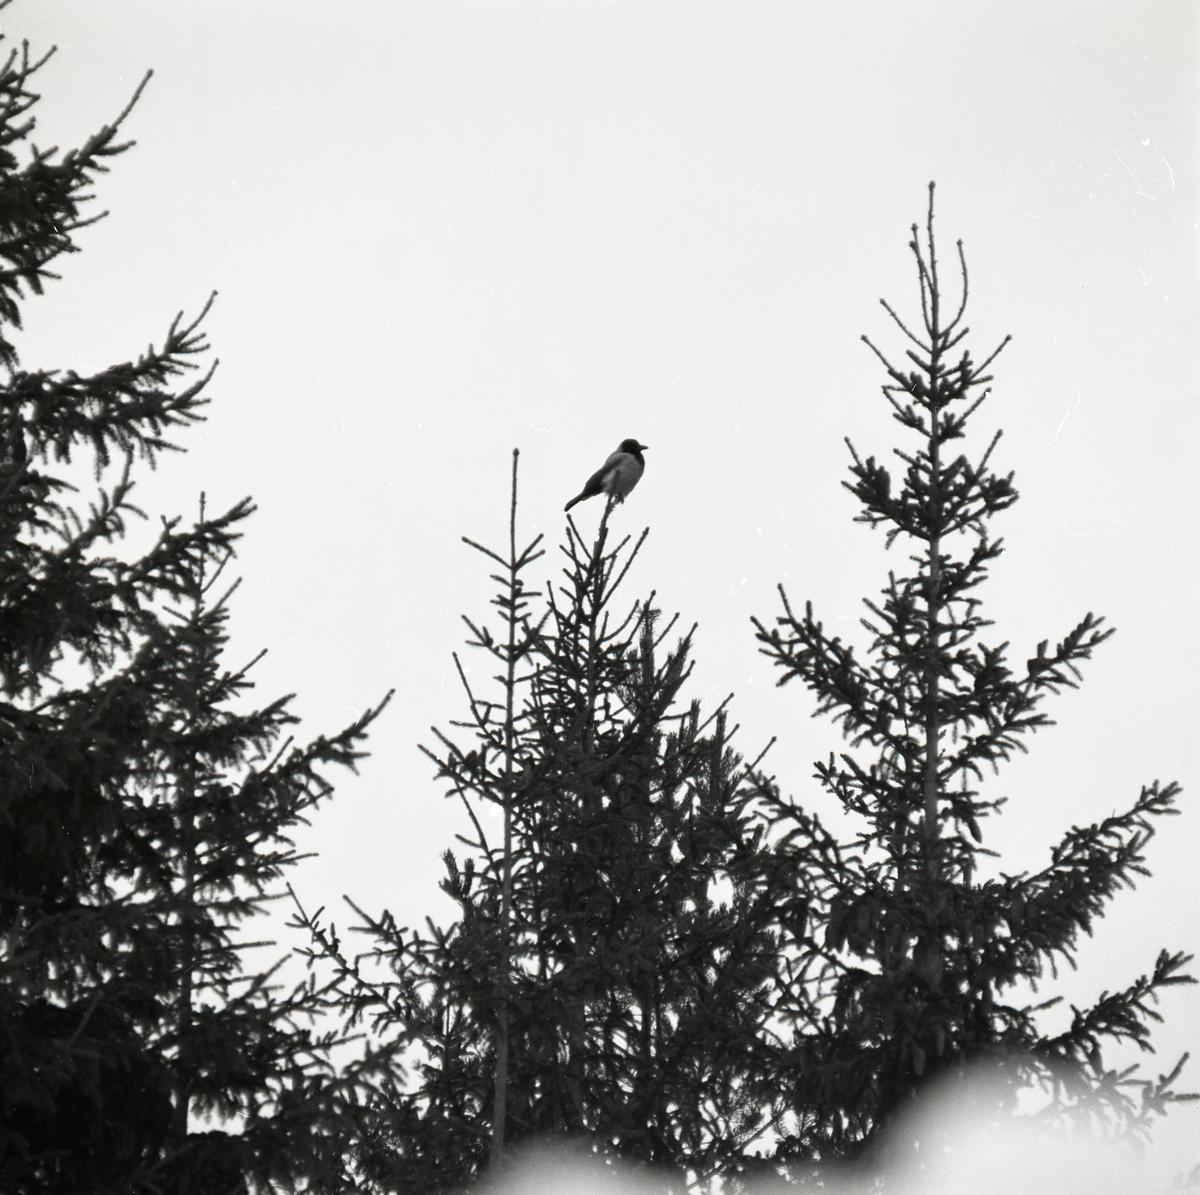 En kråka sitter högst upp i en gran.